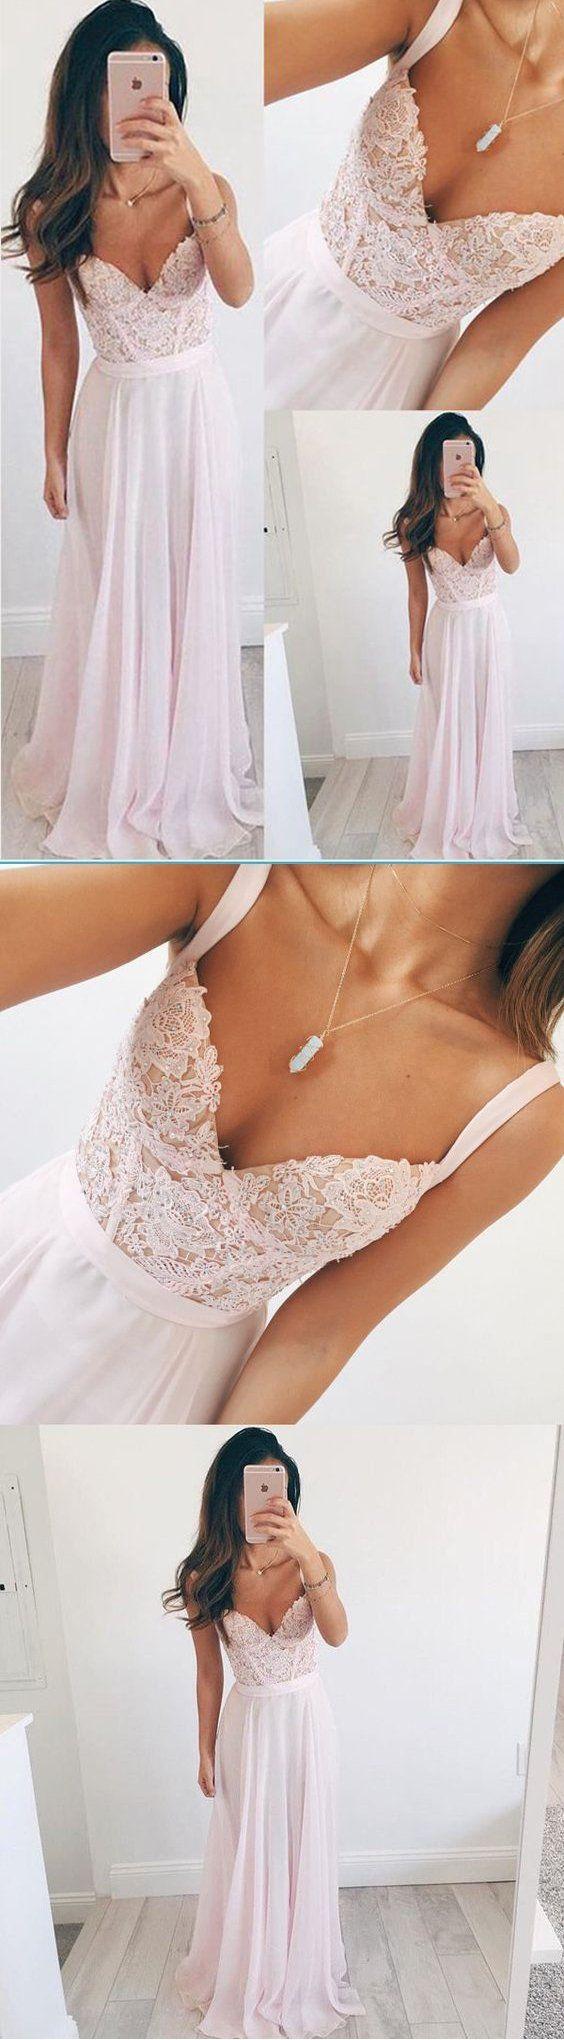 Long Chiffon Baby Pink Long Prom Dress A line Spaghetti Straps Lace Evening Dresses #promdress #promdresses #promgown #promgowns #long#chiffonprom #modestpromdress #newpromdress #2018fashions #newstyles